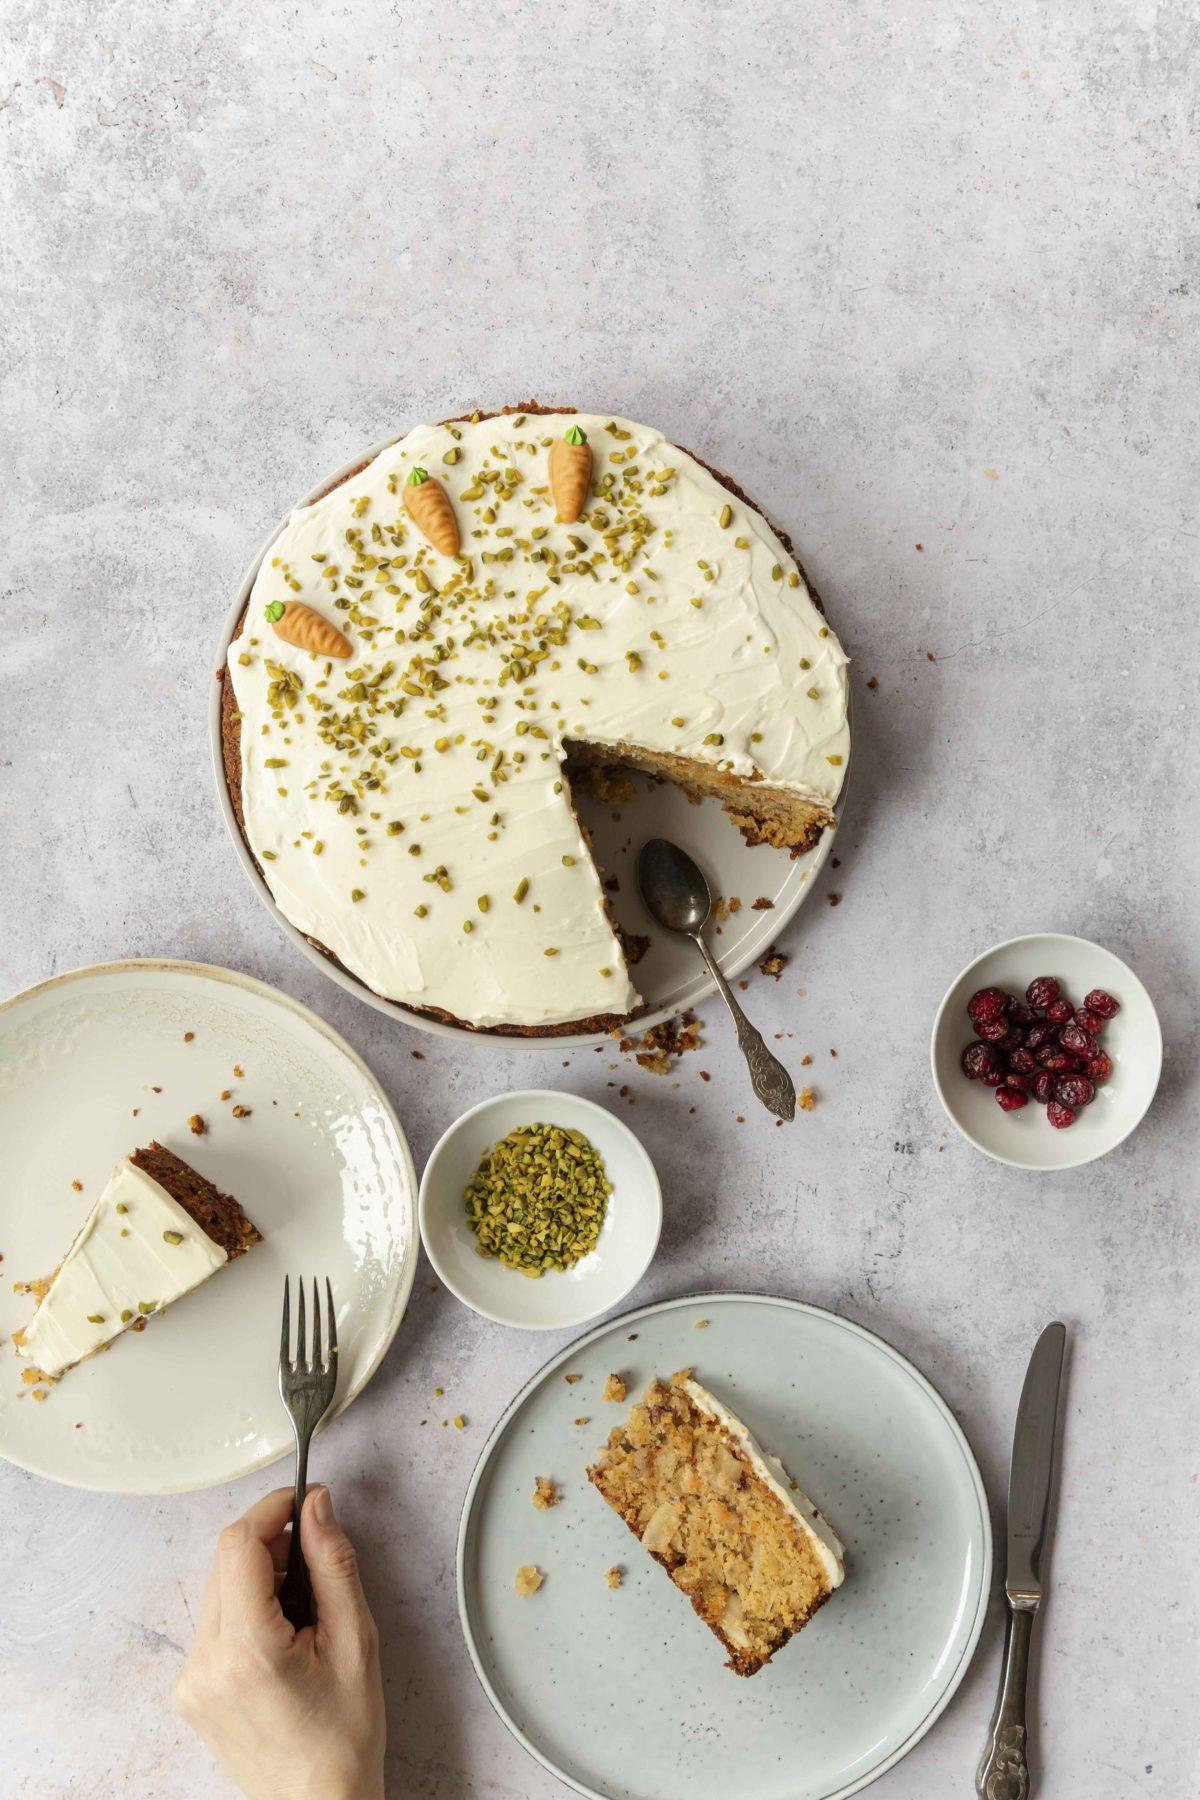 Tipps für Ostern: Karottenkuchen mit Kokoschips und Cranberrys // Carrot Cake with coconut chips ans cranberries by https://babyrockmyday.com/karottenkuchen-mit-kokoschips/